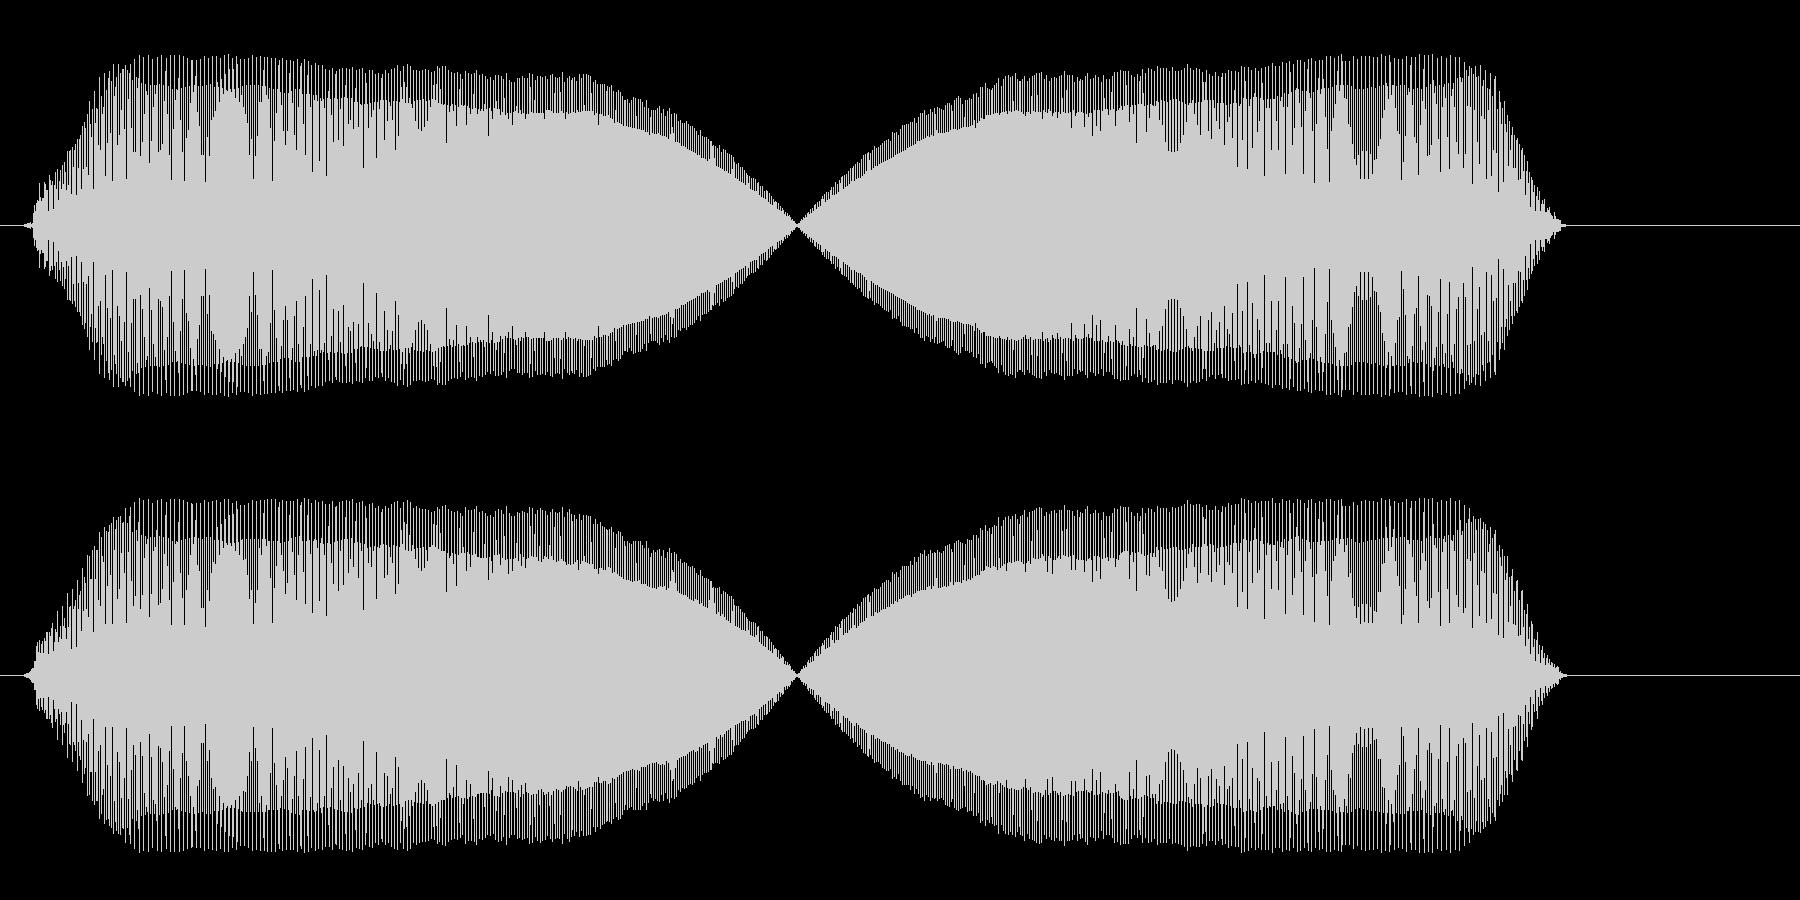 プゥィゥ〜(風船が膨らむような効果音)の未再生の波形